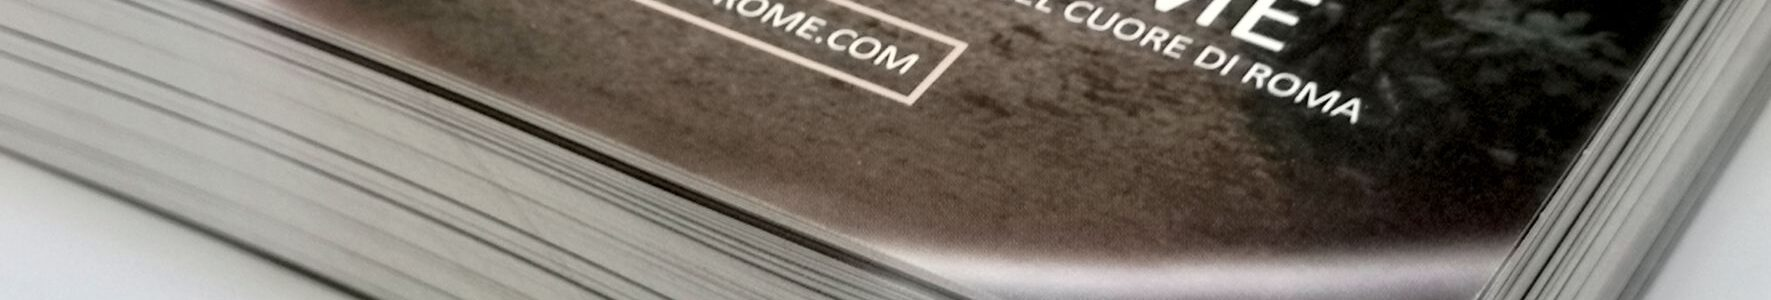 The Keys of Rome - biglietti da visita e flyer | MASTROiNCHIOSTRO